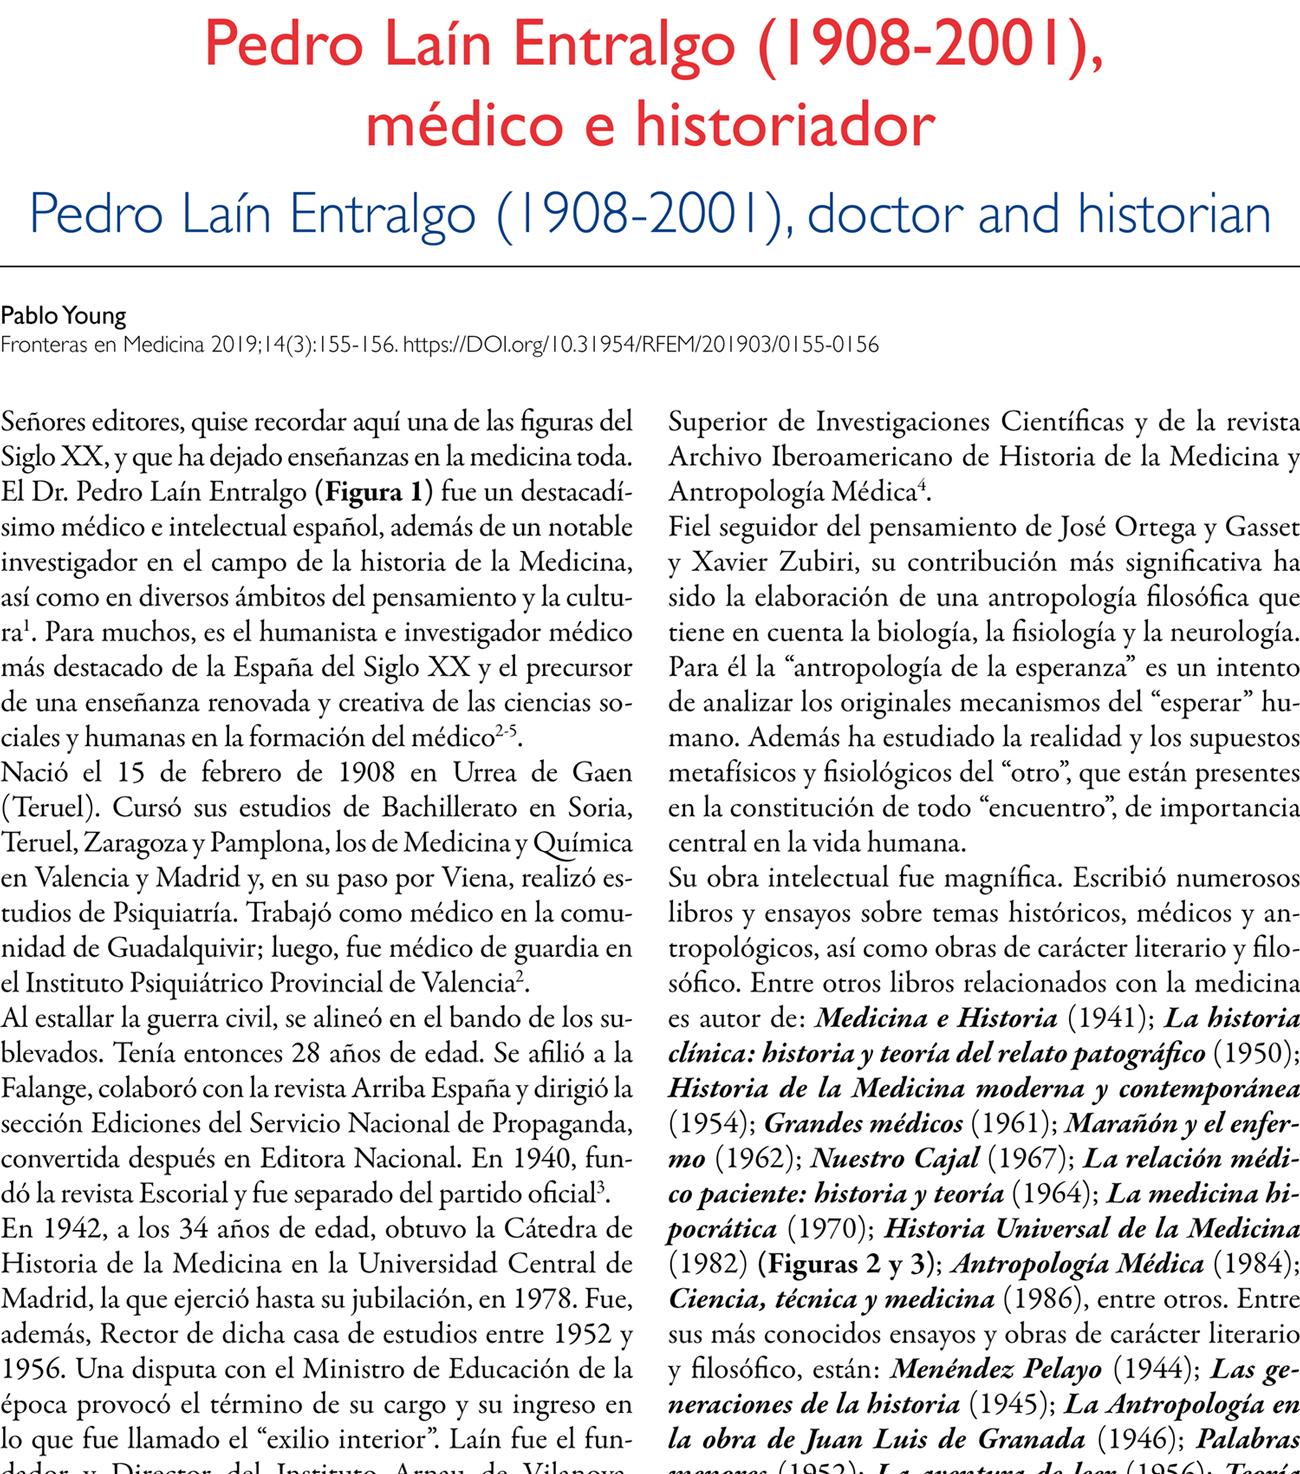 Pedro Laín Entralgo (1908-2001),  médico e historiador